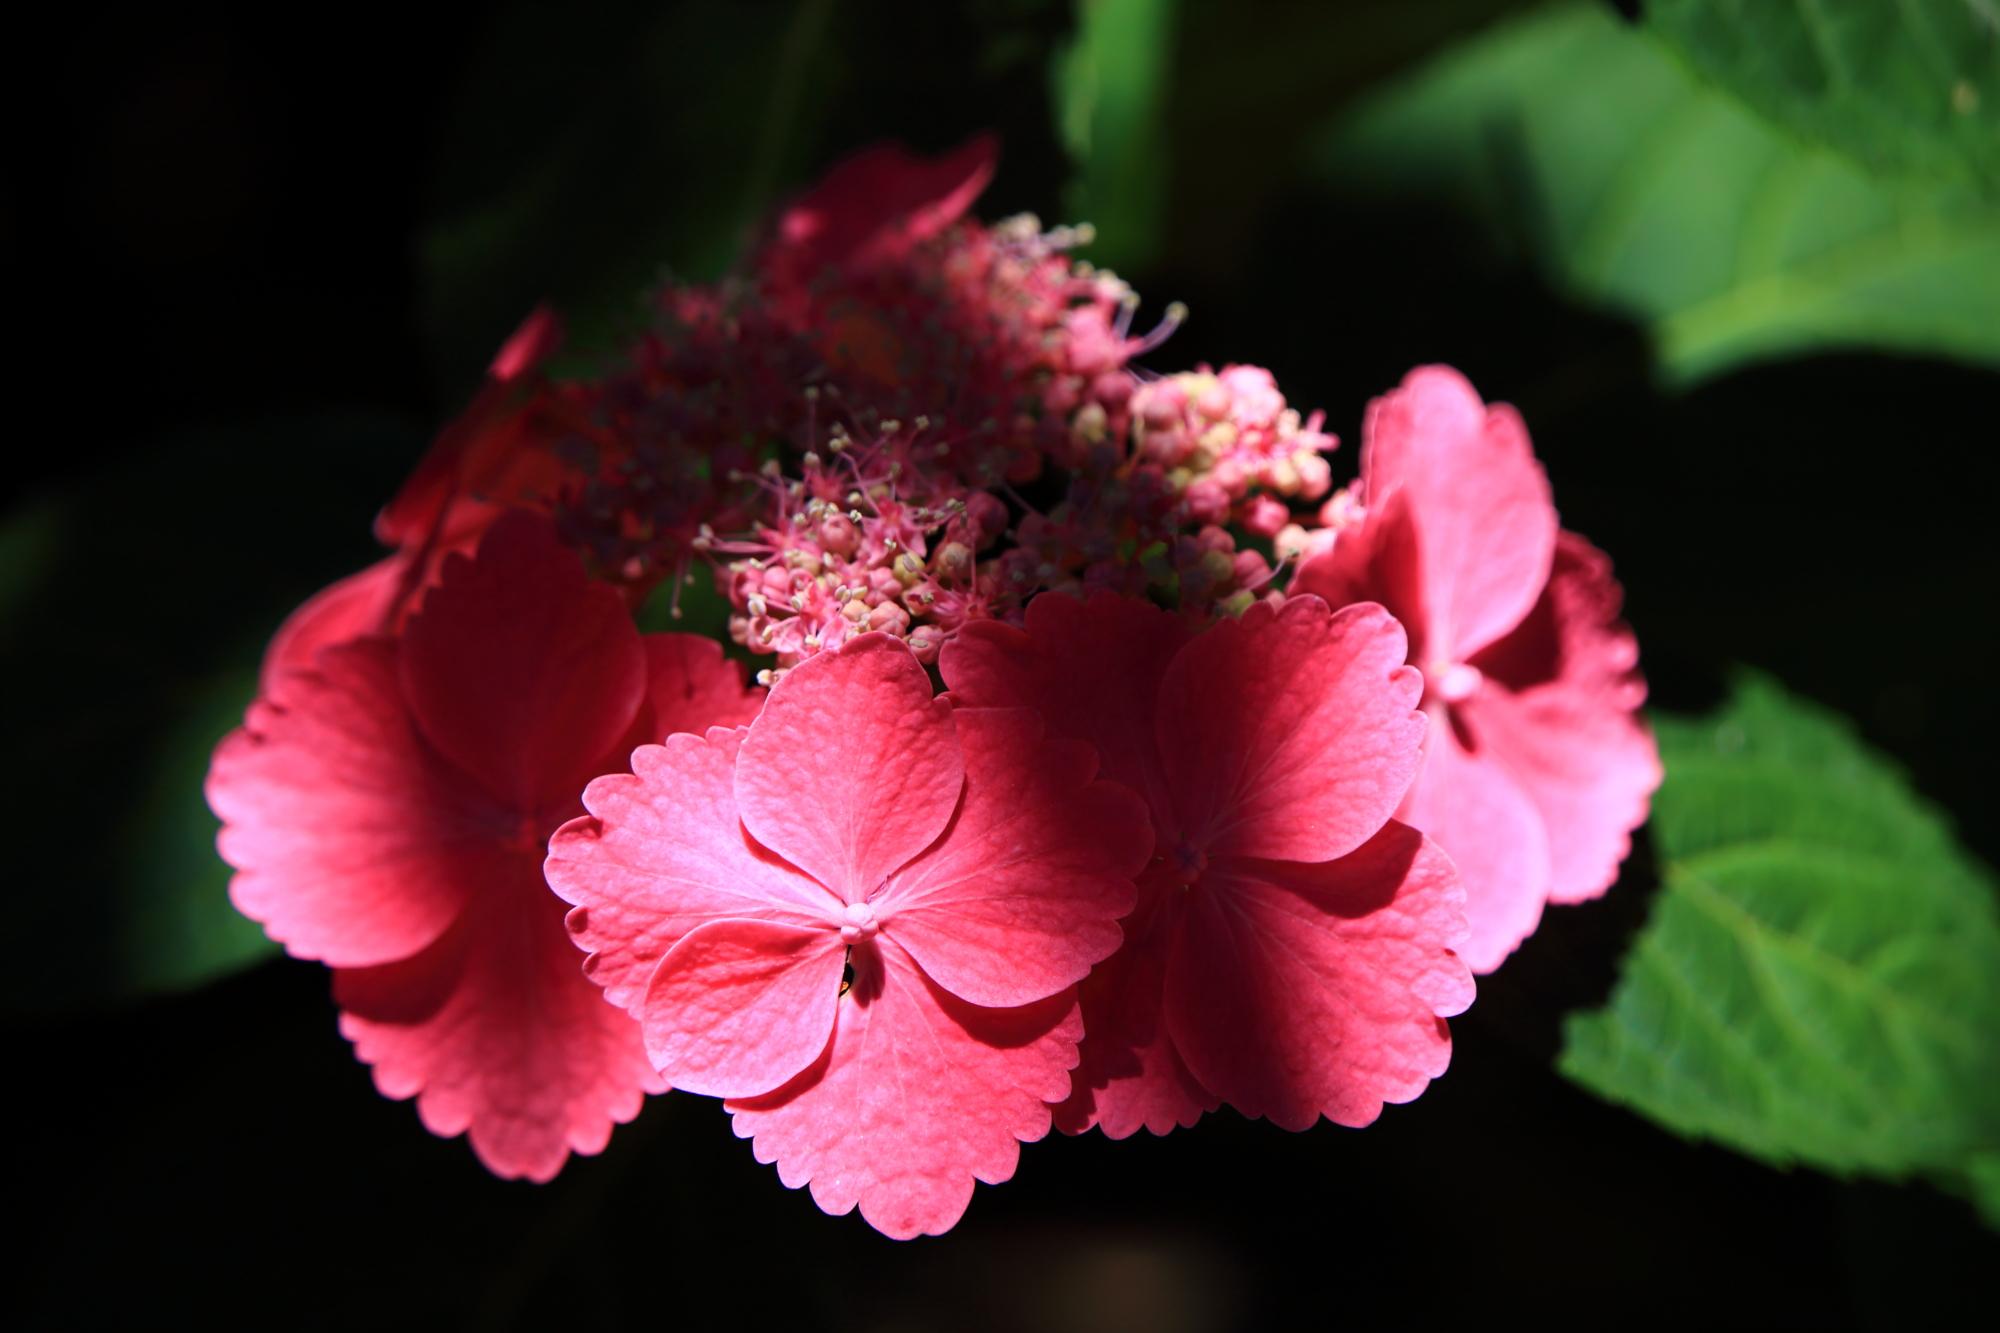 梅宮大社の濃いピンクの鮮やかな色合いの紫陽花